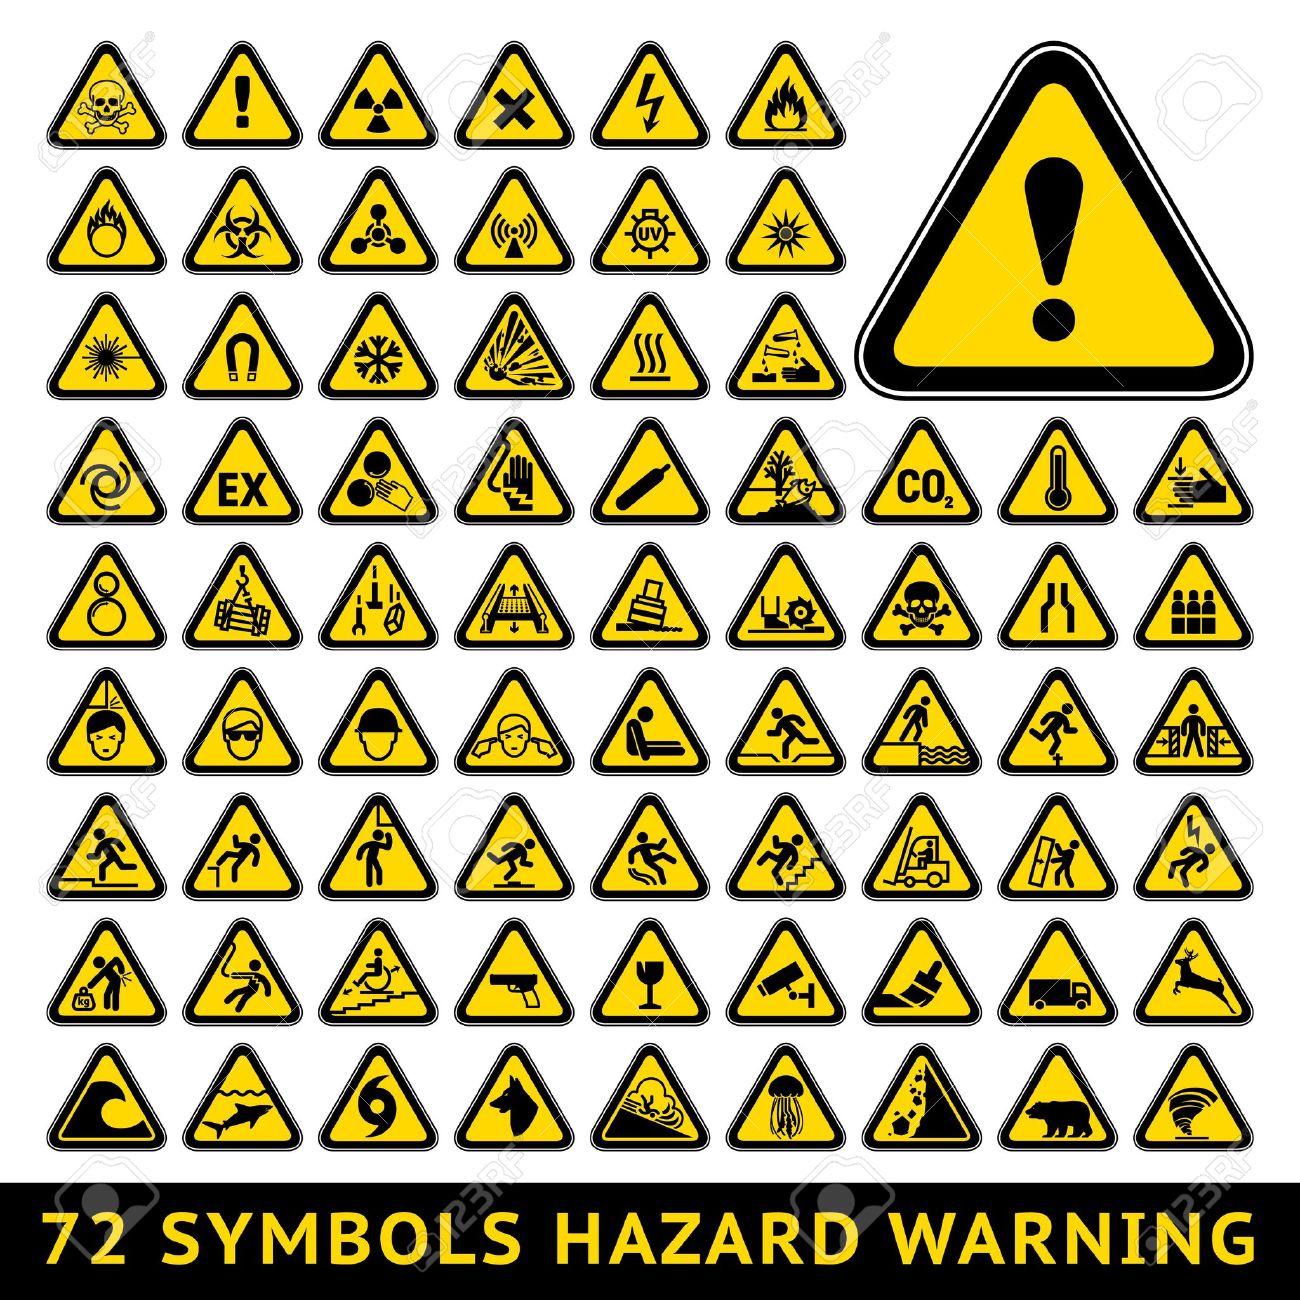 Warning Hazard Symbols Big